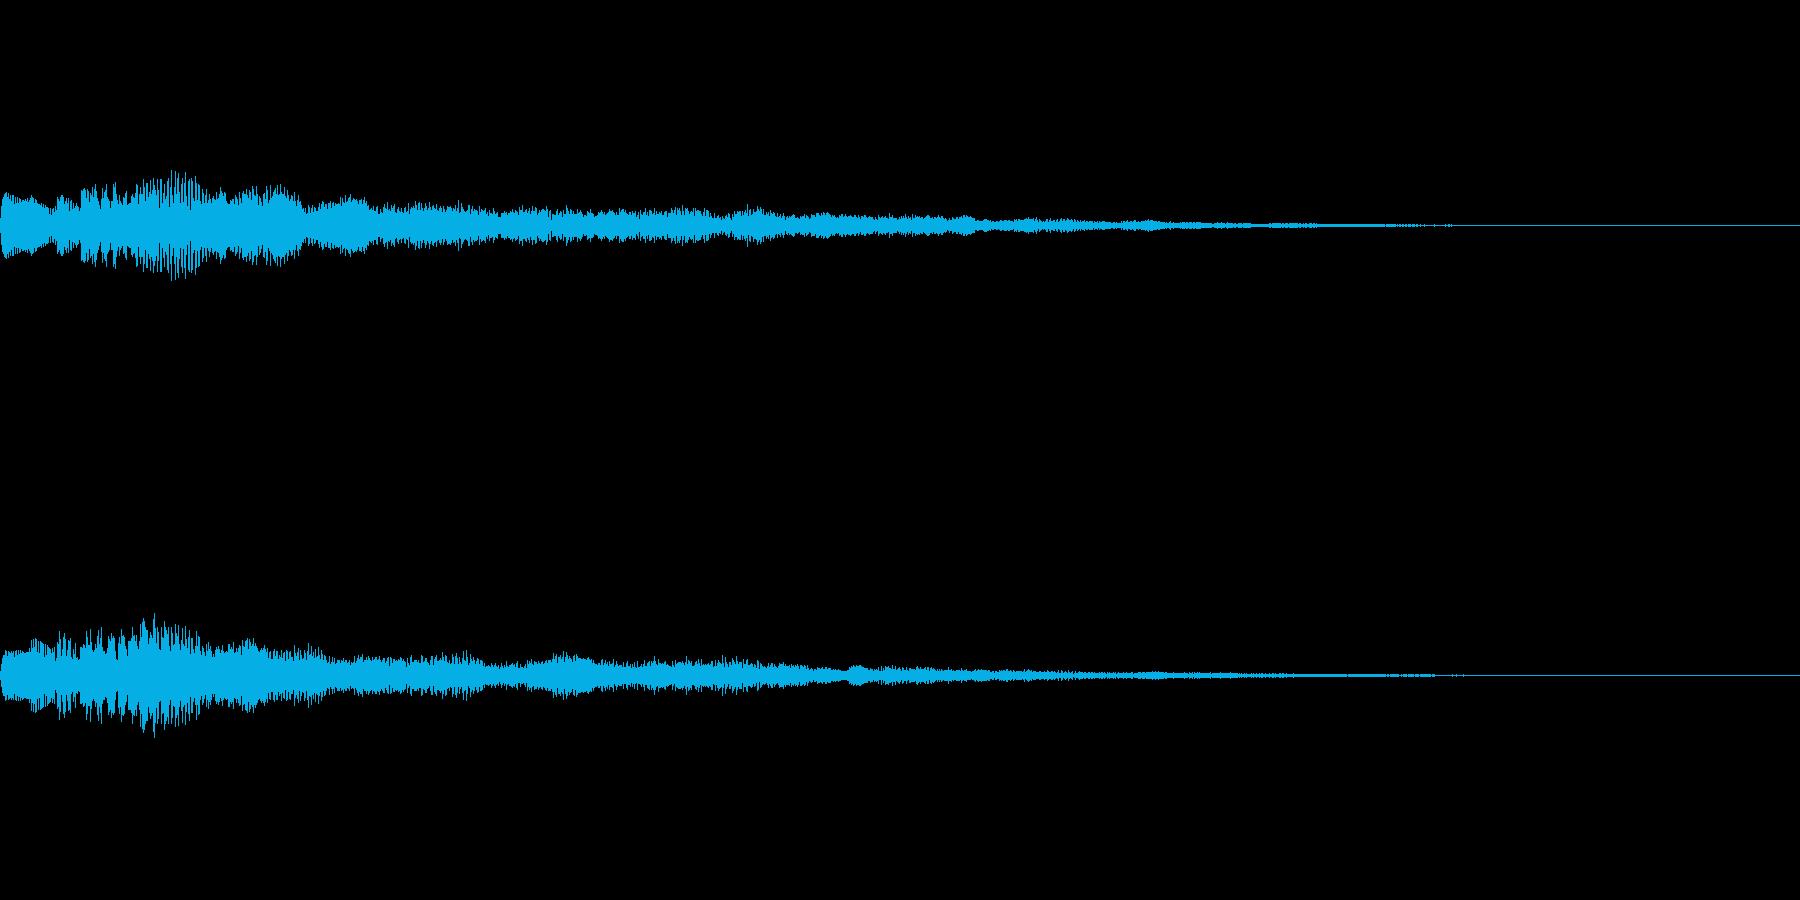 [ティロリン]パラメータUP(柔かい)の再生済みの波形